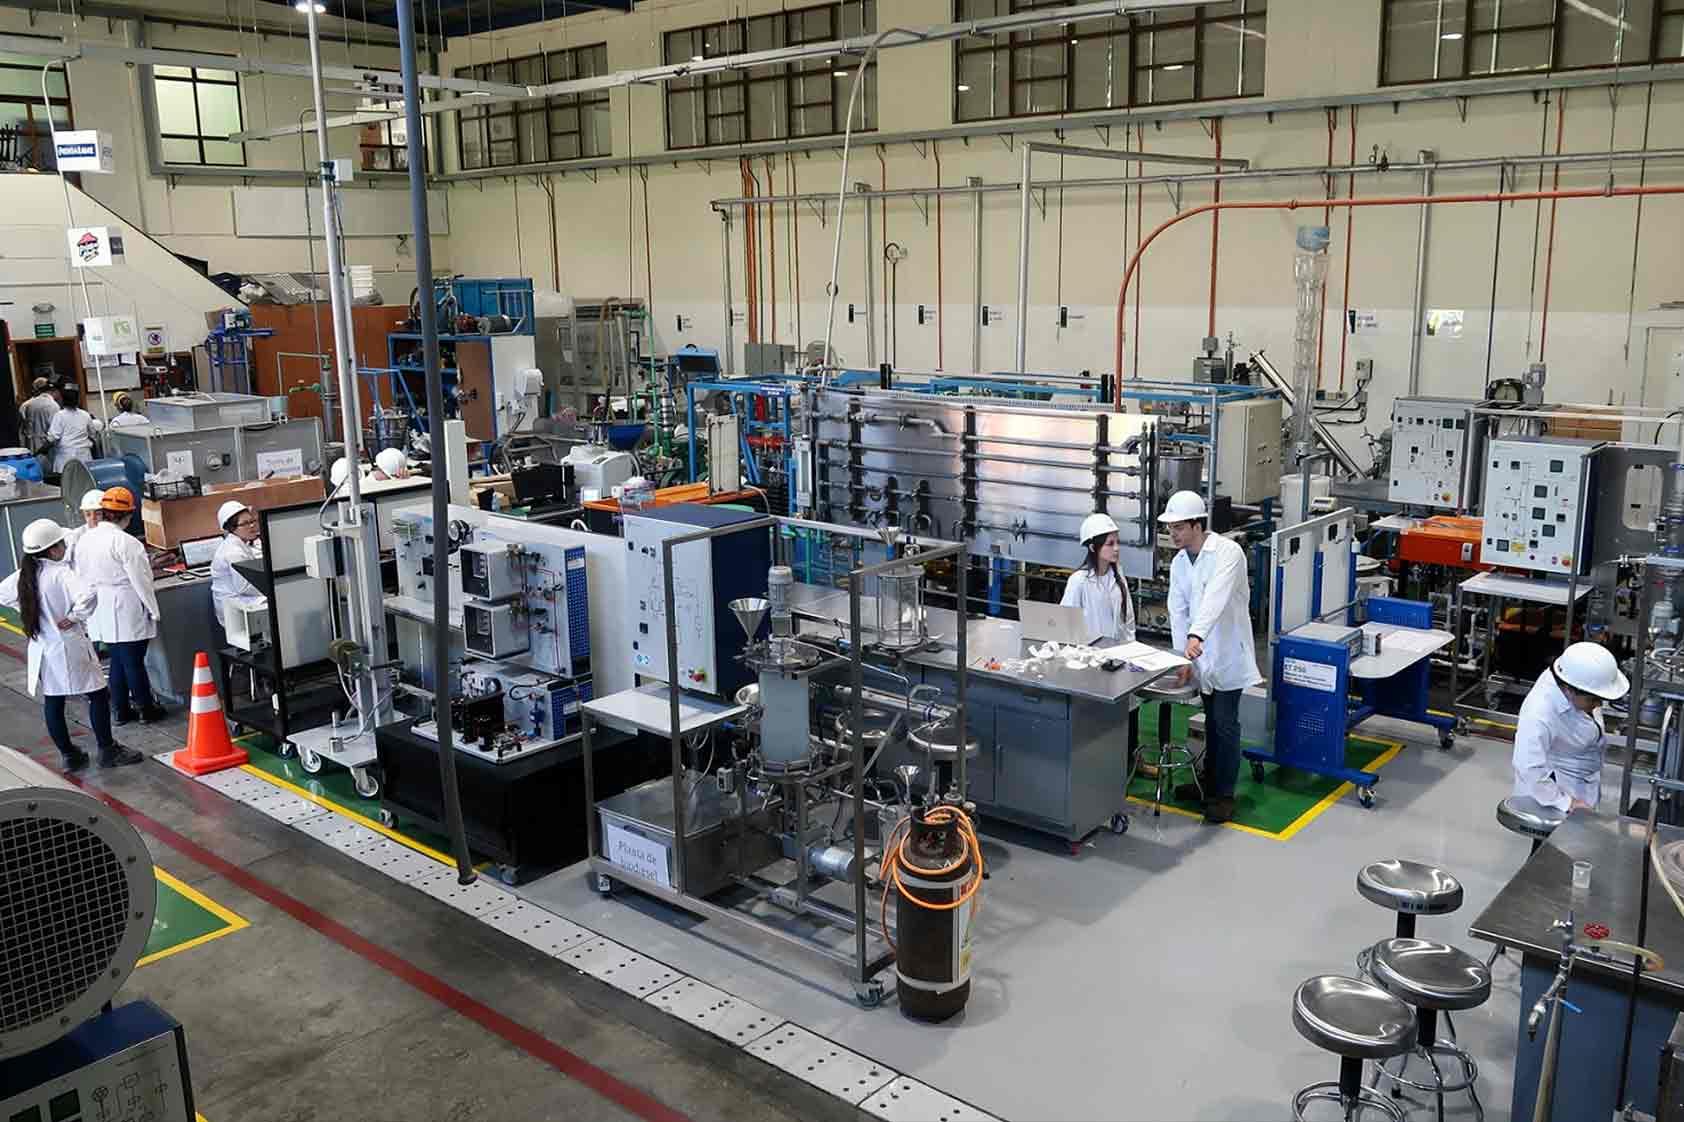 ¿Por qué el Laboratorio de Ingeniería Química de la UVG es uno de los más grandes de Latinoamérica?